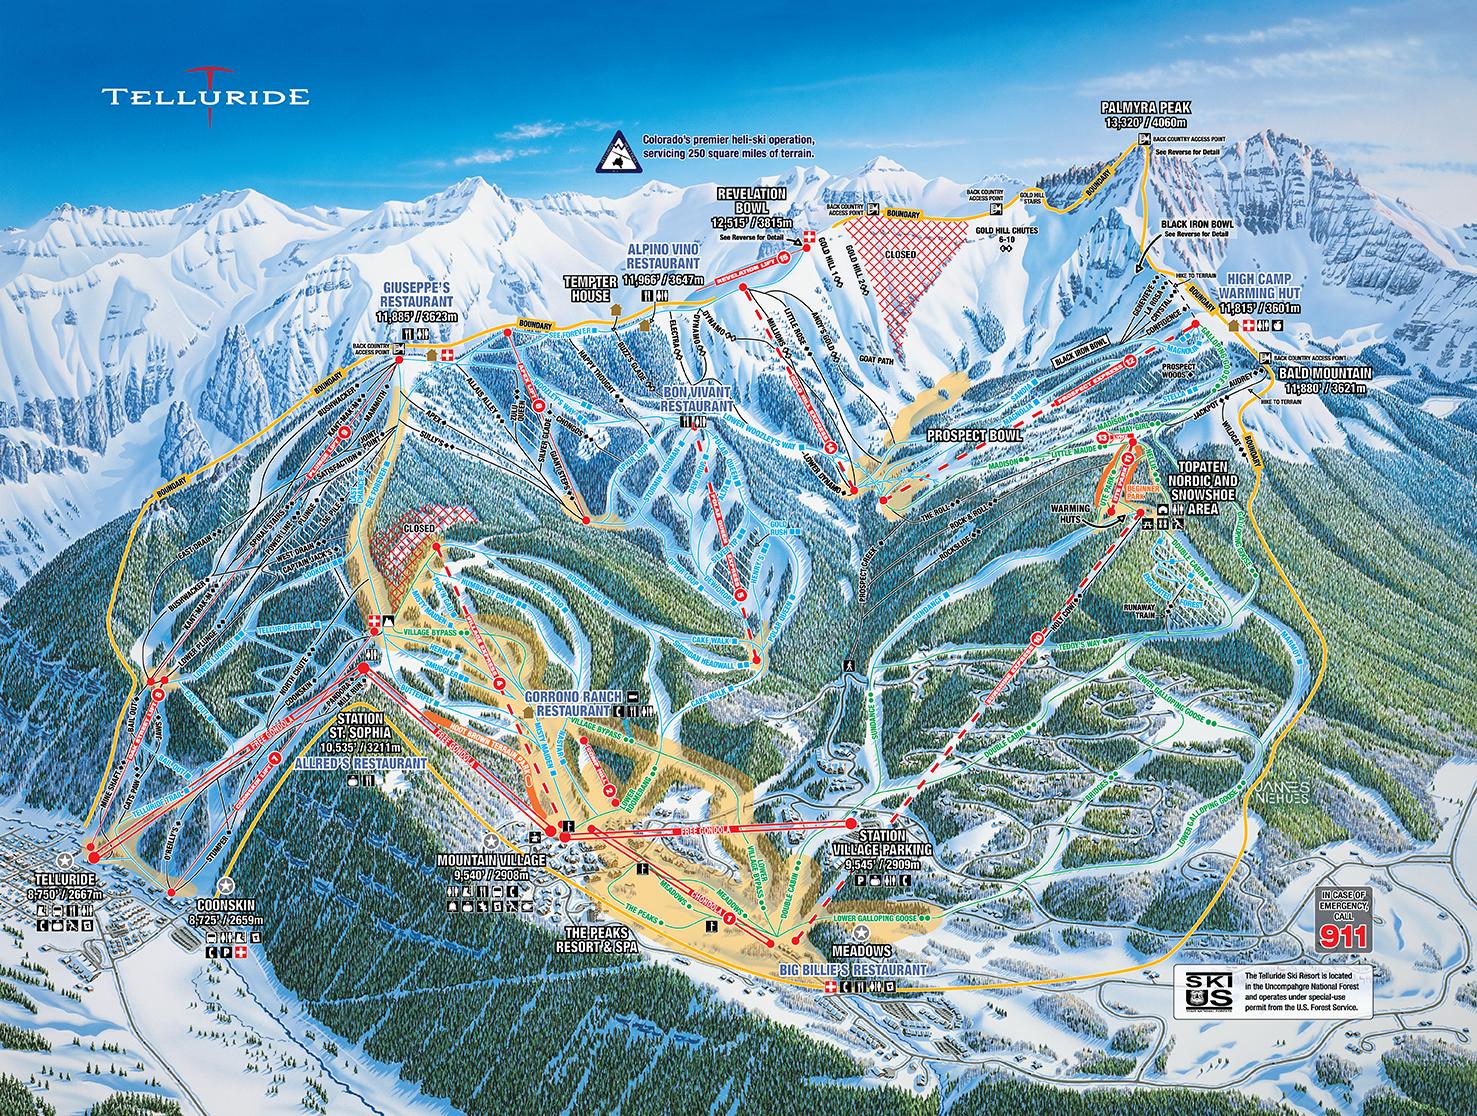 telluride: 36 ski resort reviews & top tips 2018/19 - snowpak